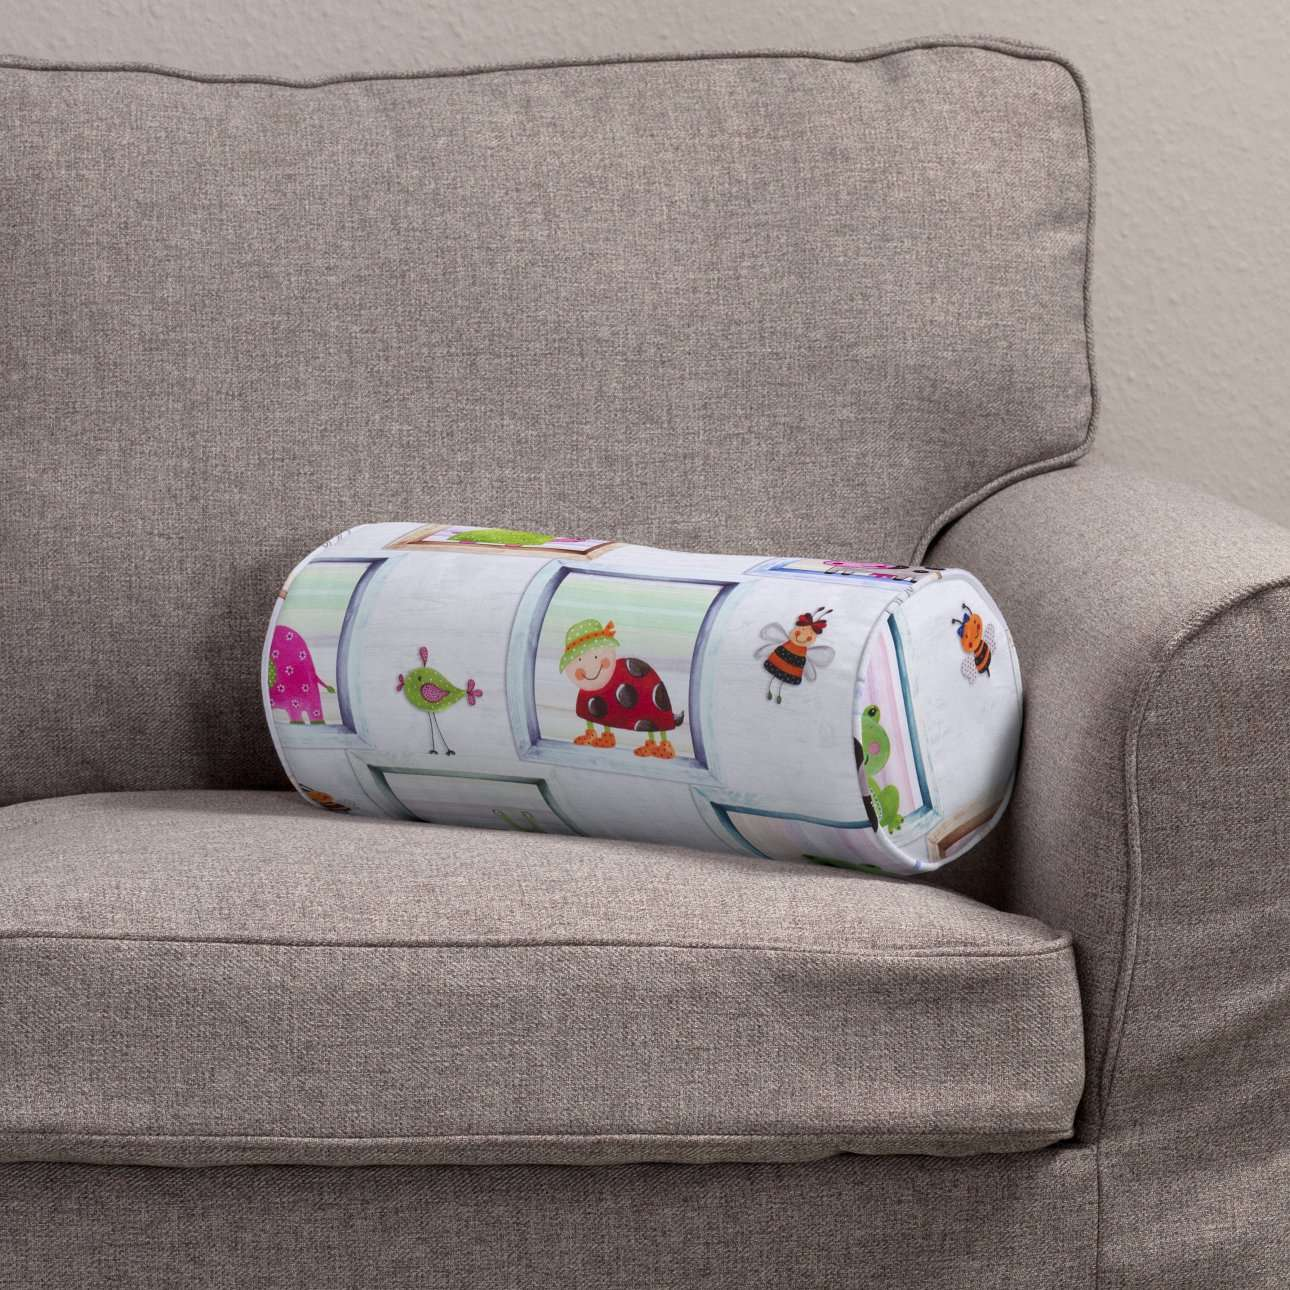 Poduszka wałek prosty Ø 16 x 40 cm w kolekcji Apanona, tkanina: 151-04